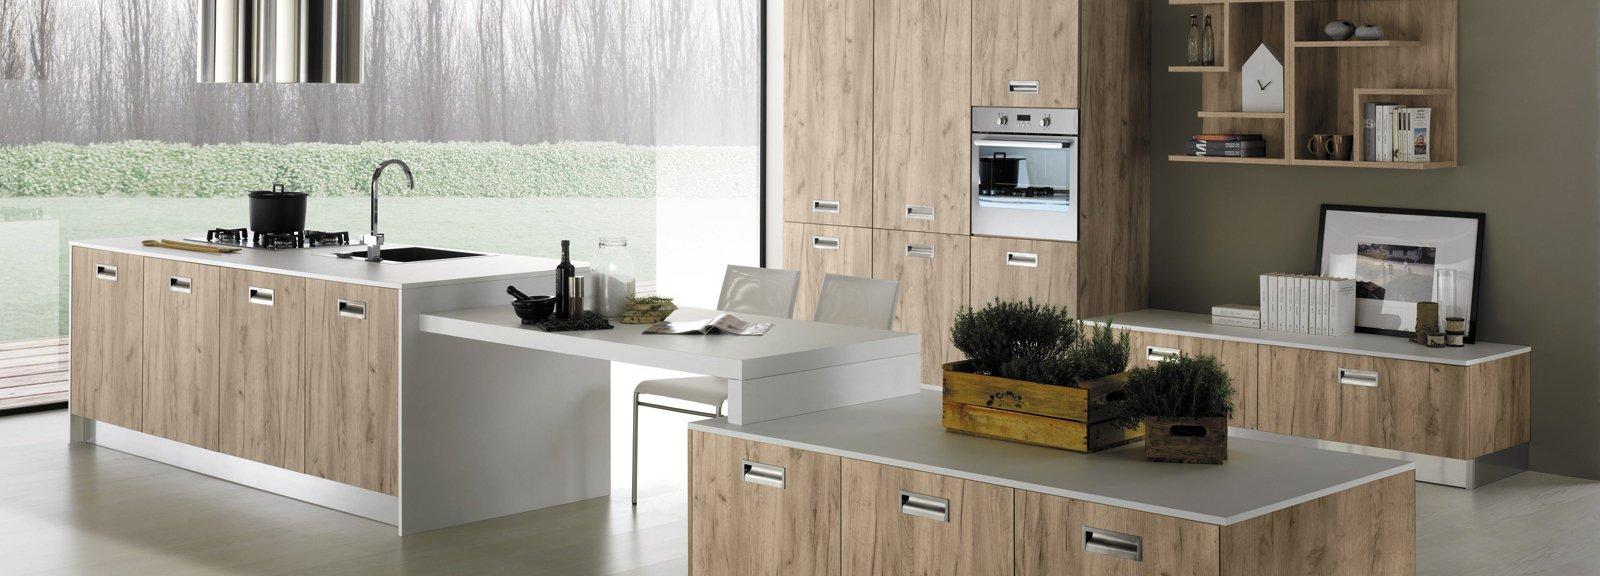 Cucine a vista per il loft nel soggiorno open space cose di casa - Open space cucina soggiorno ...